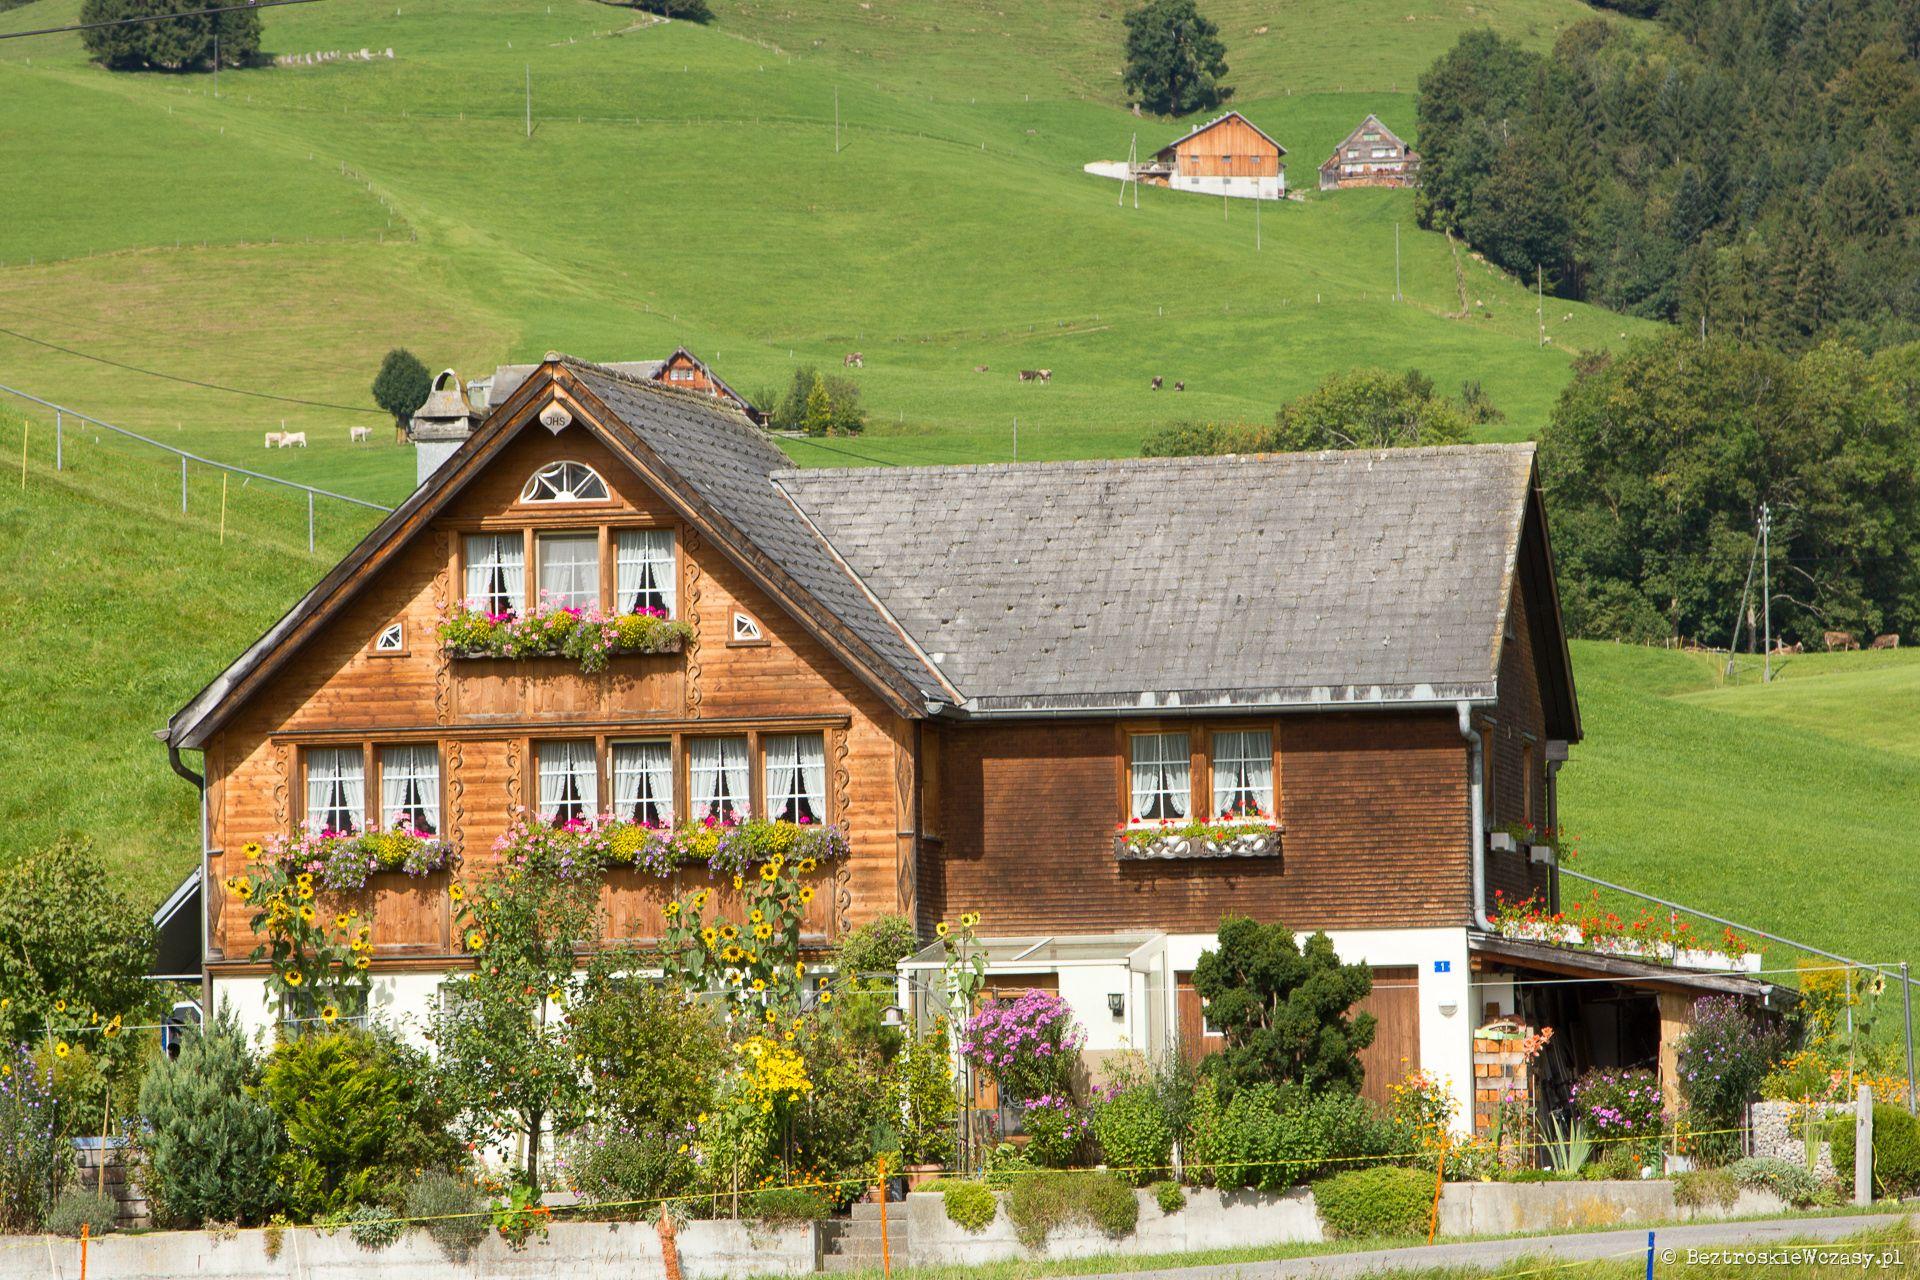 Szwajcaria: klasyczne, drewniane domki w Appenzell